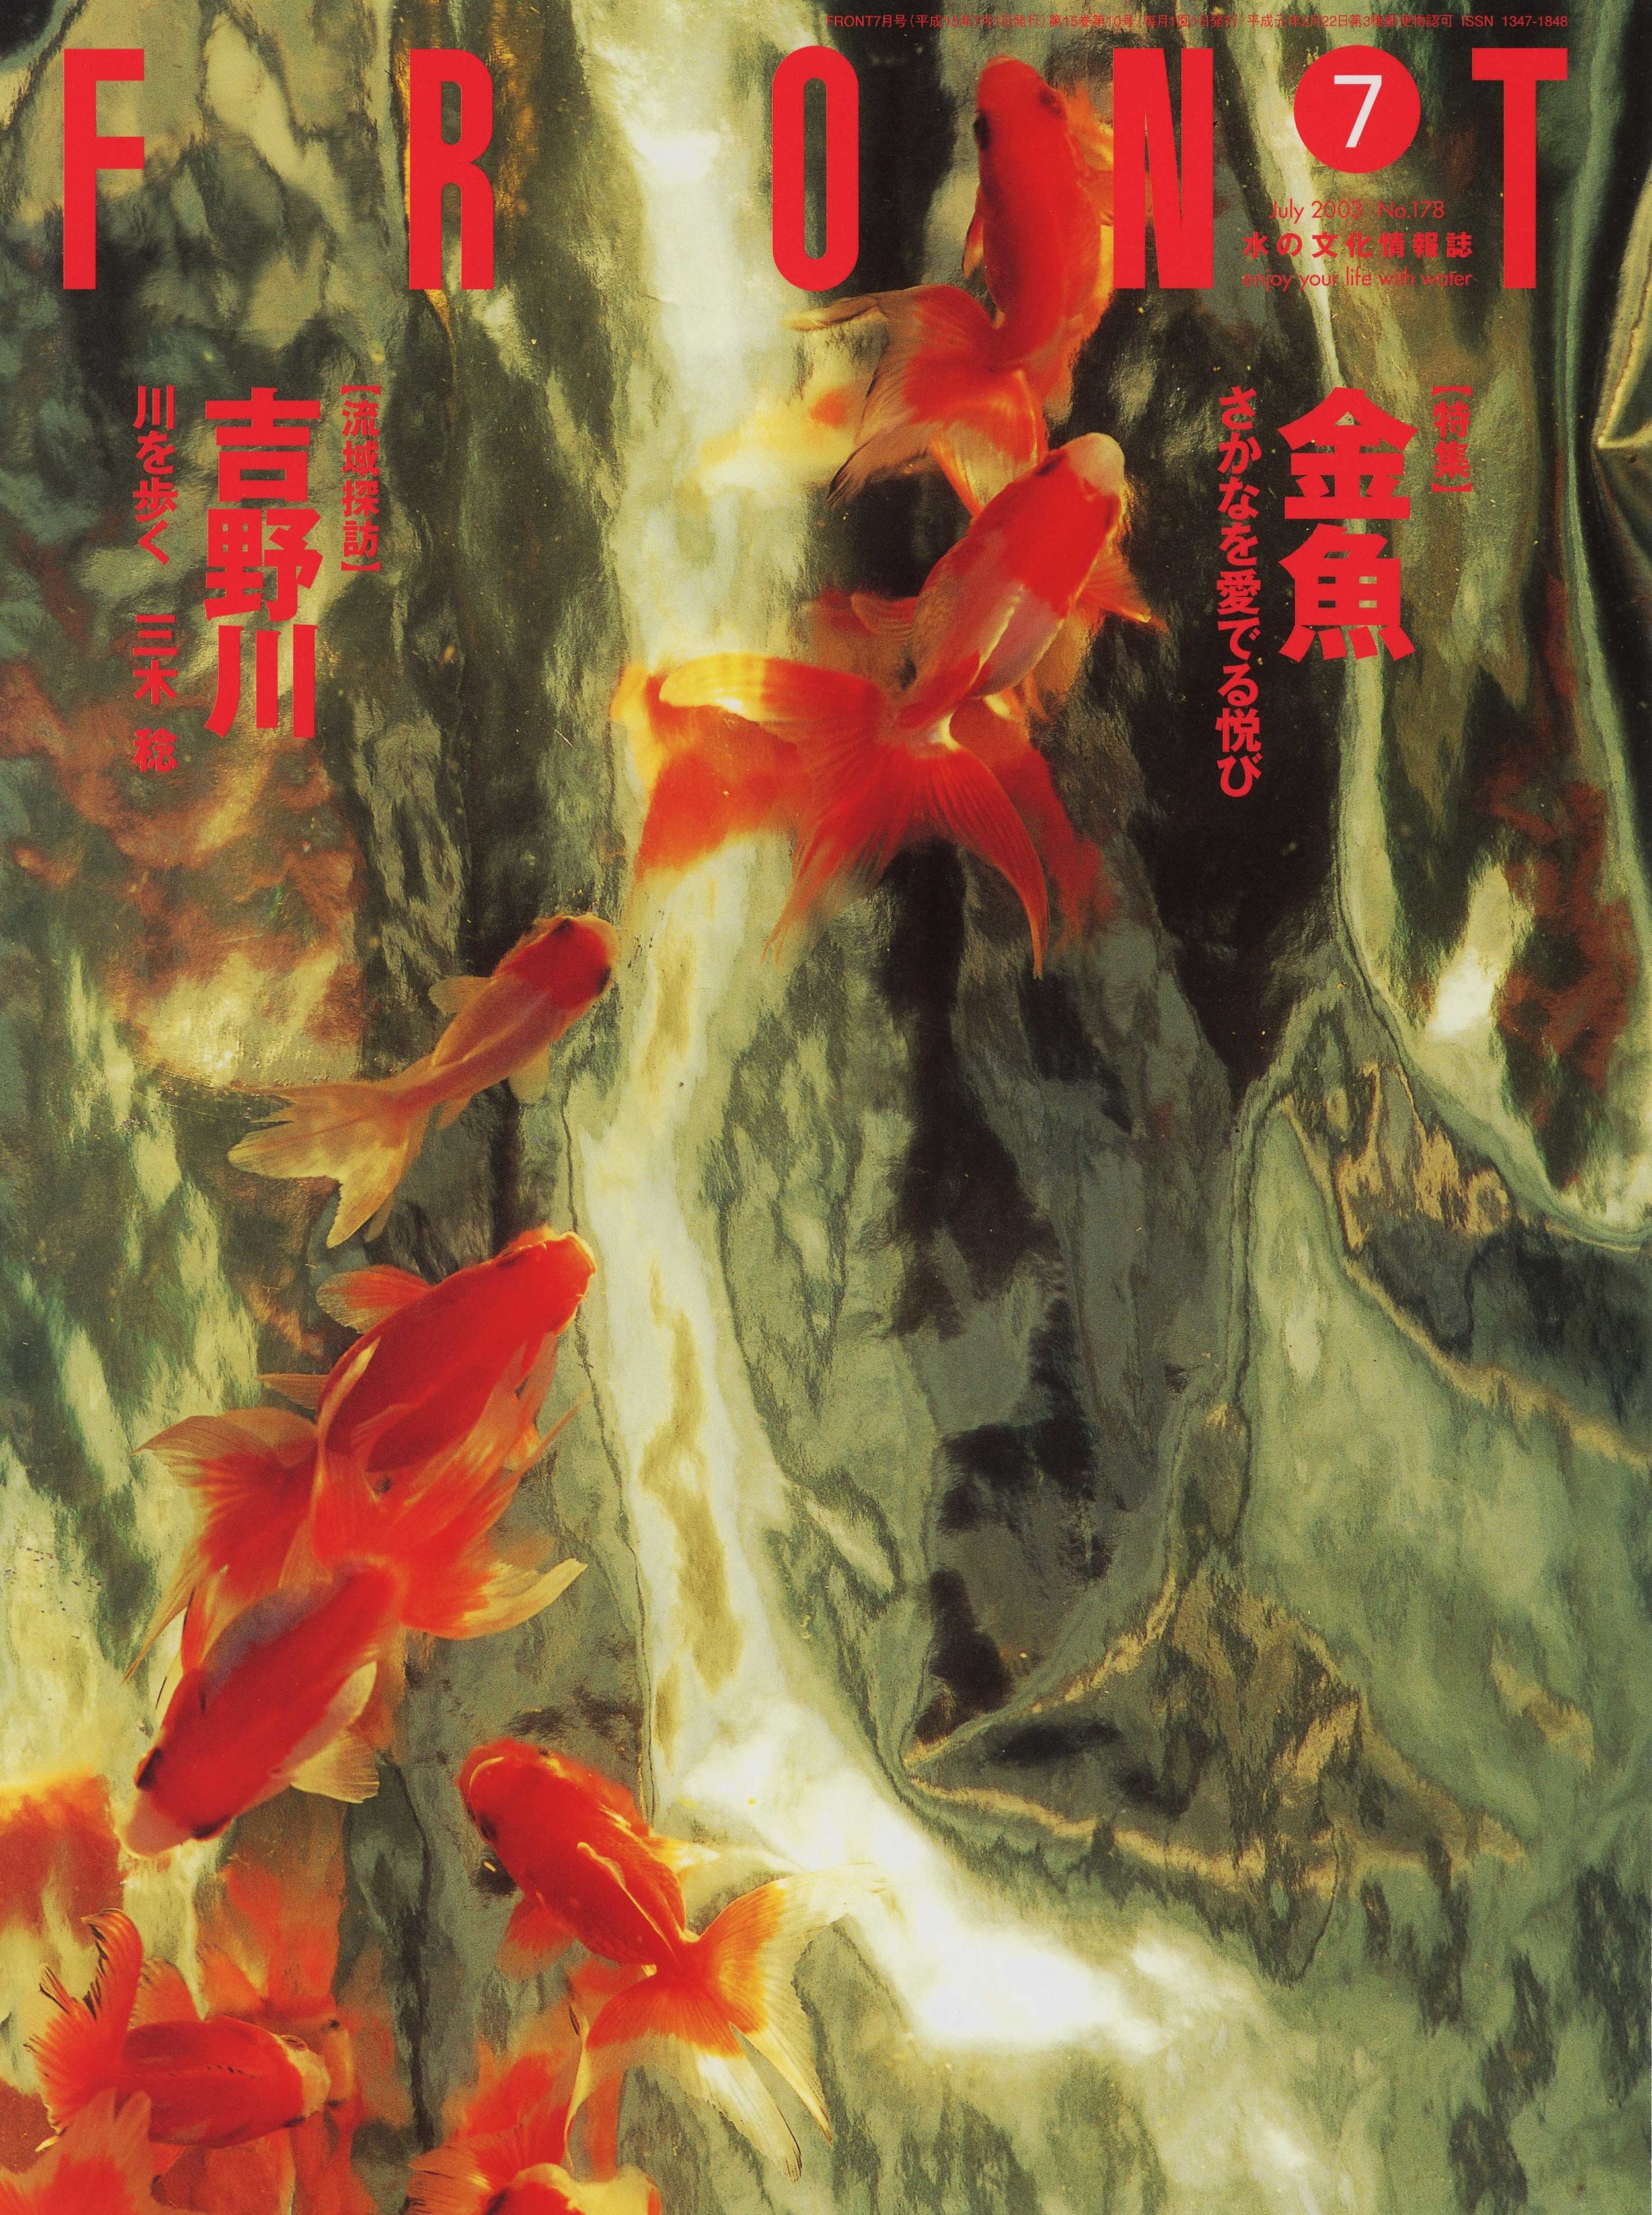 水の文化情報誌「FRONT」表紙